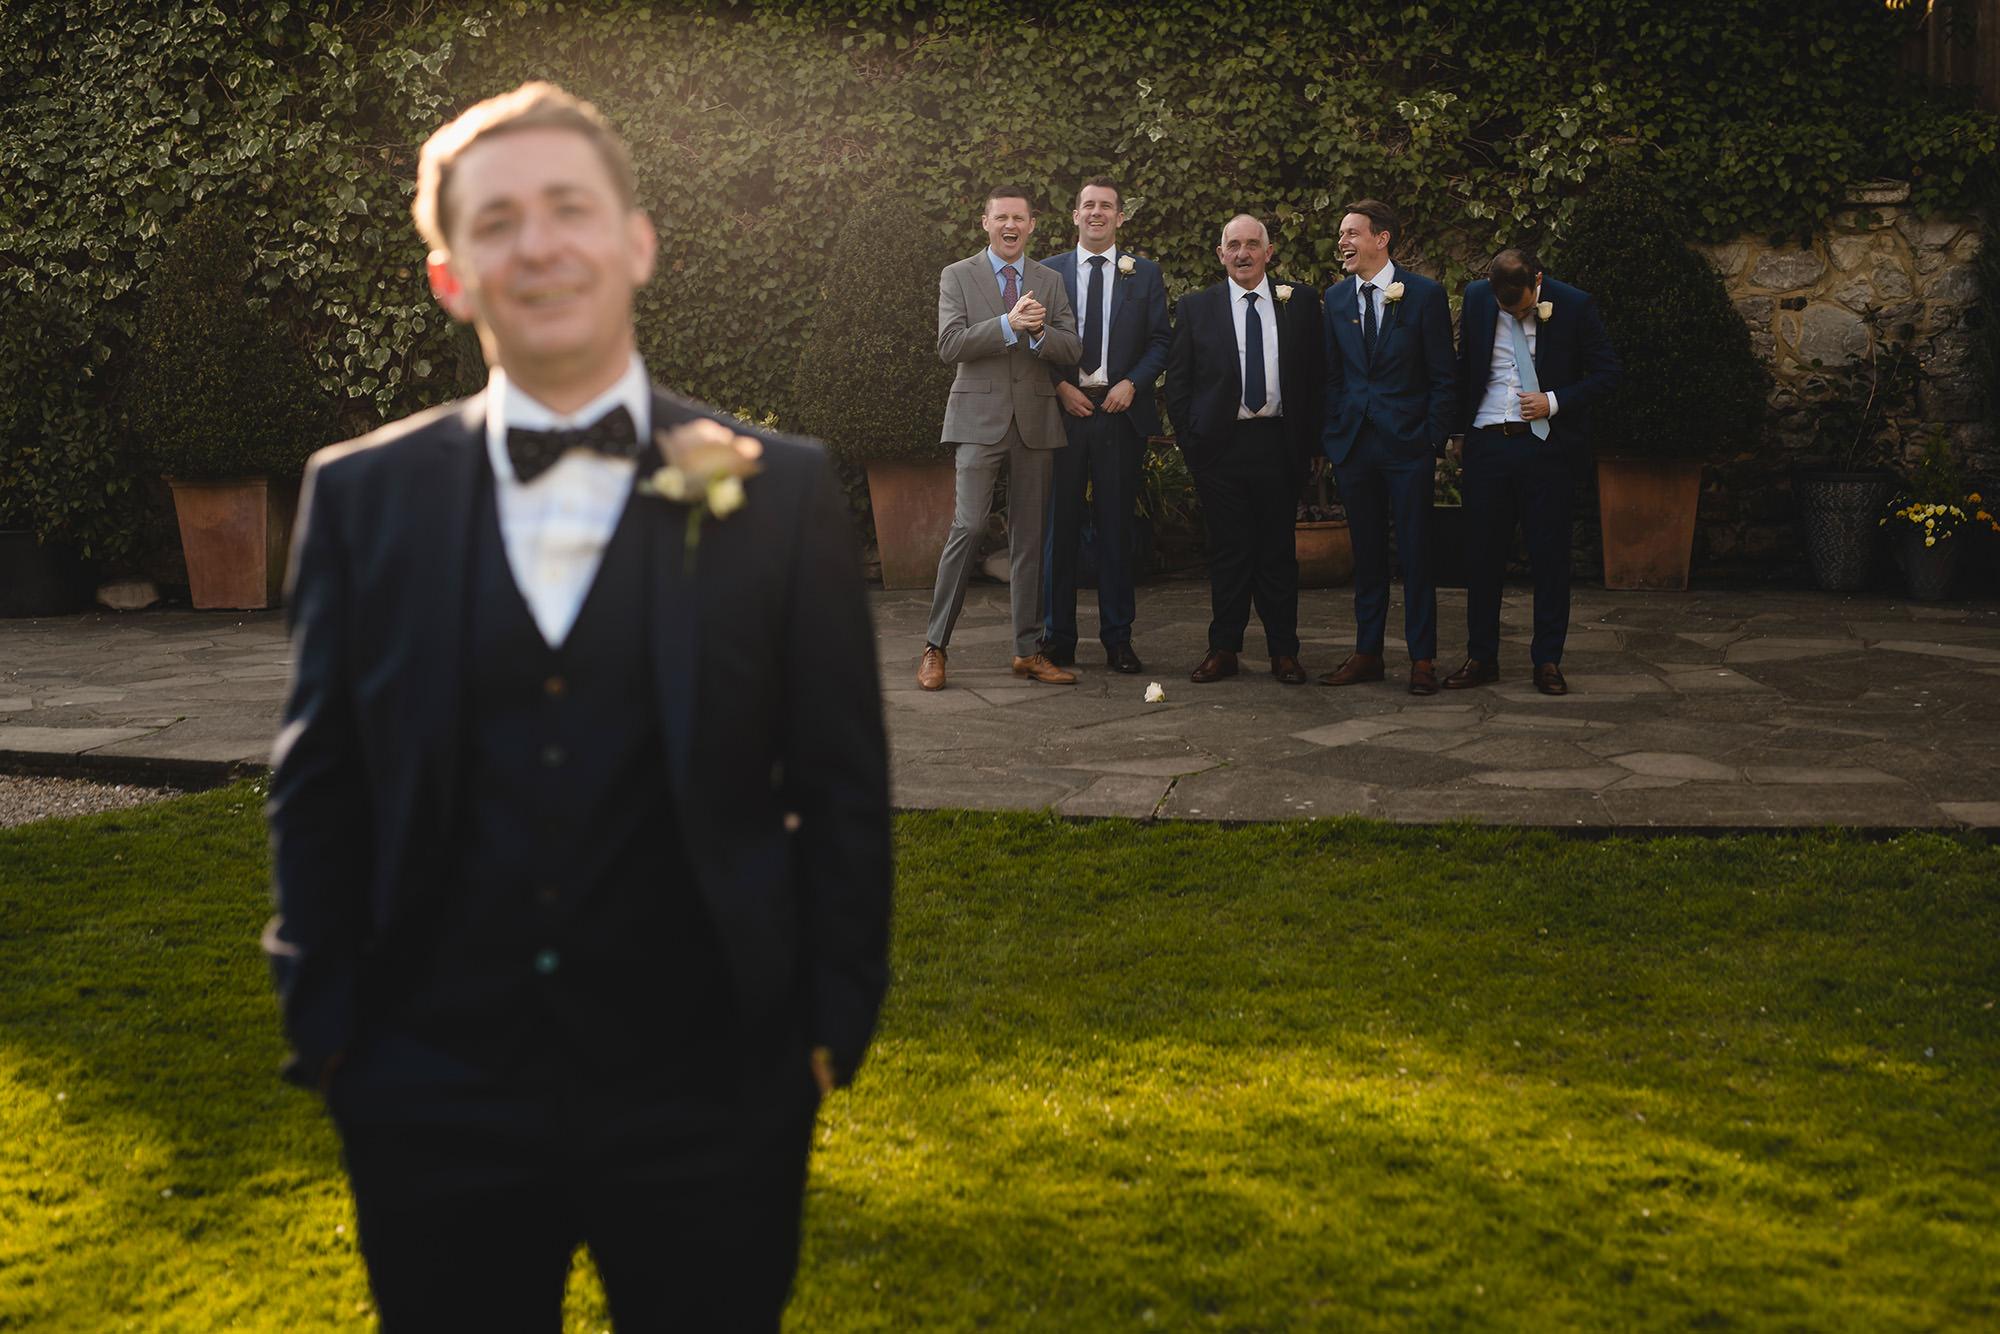 portrait of groom and groomsmen